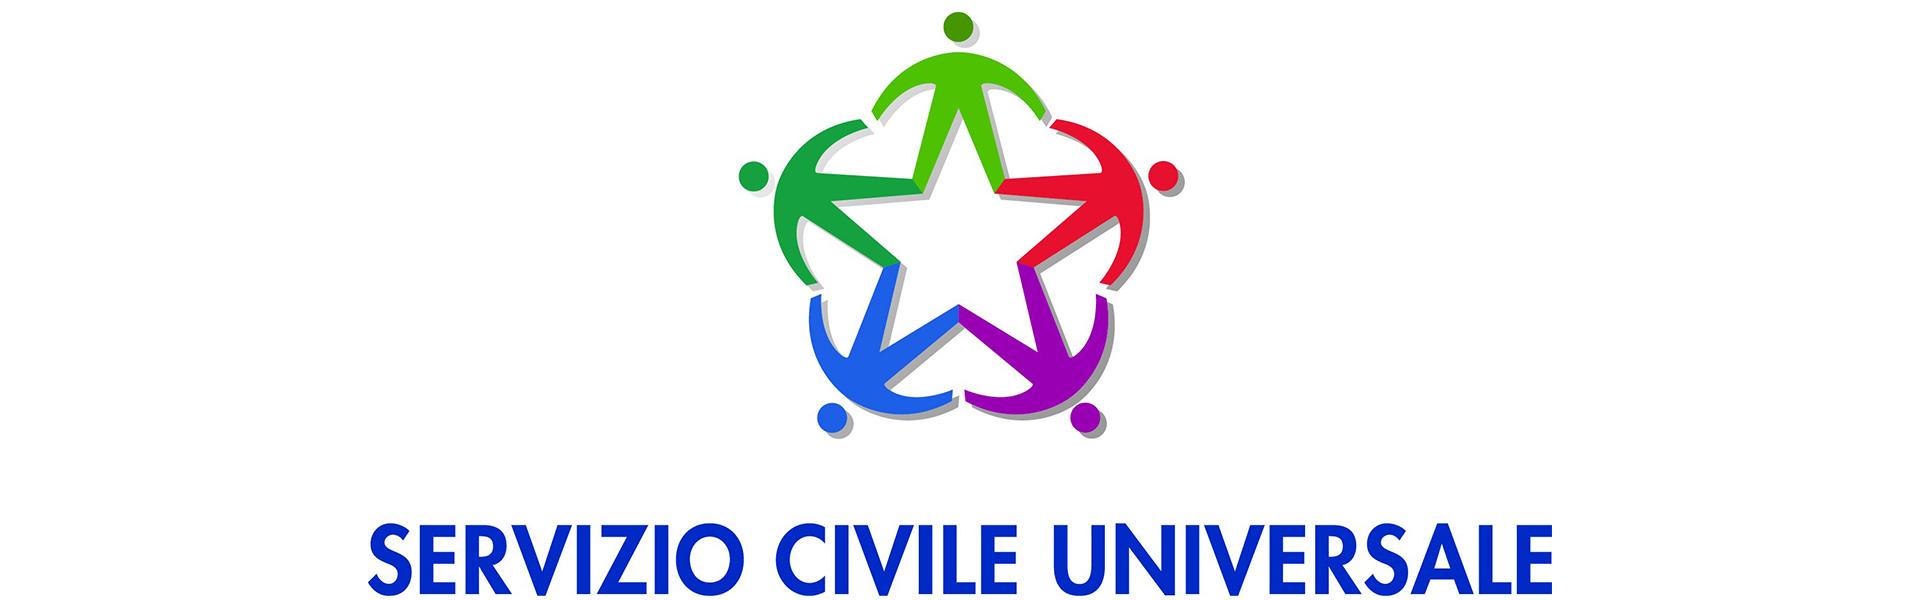 servizio-civile-universale-1920x600